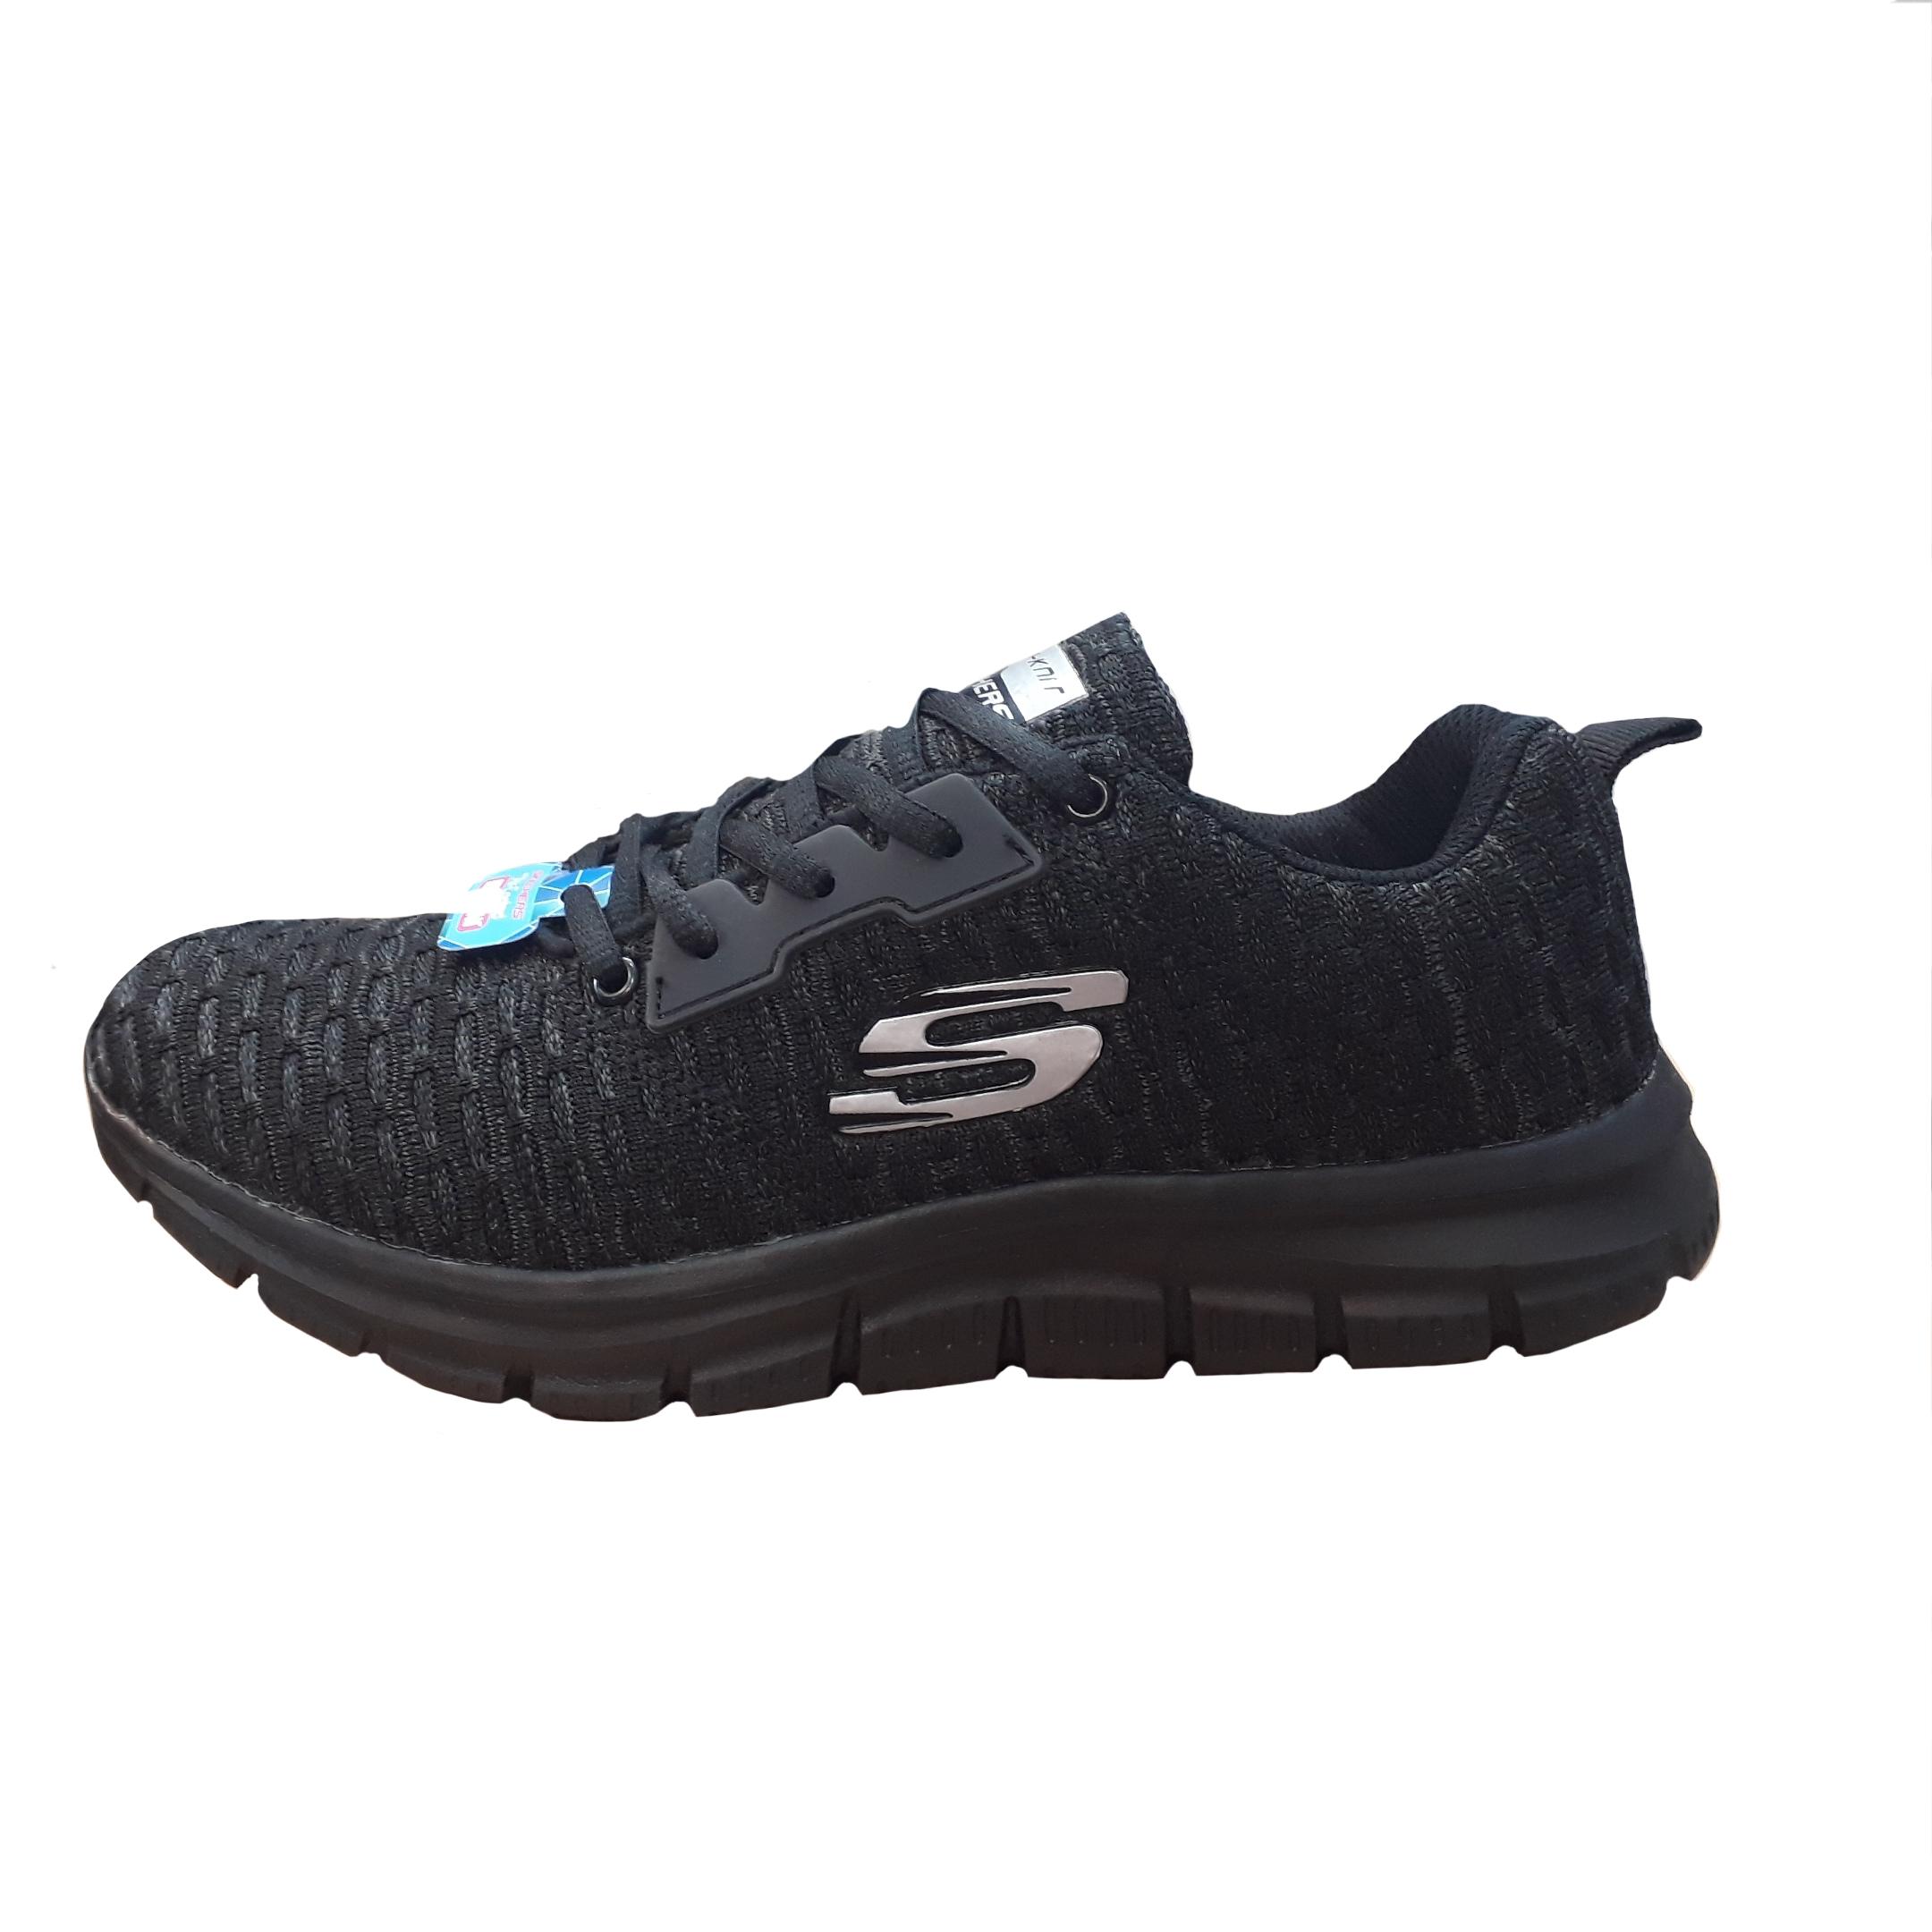 قیمت کفش مخصوص پیاده روی مردانه اسکچرز مدل V 2